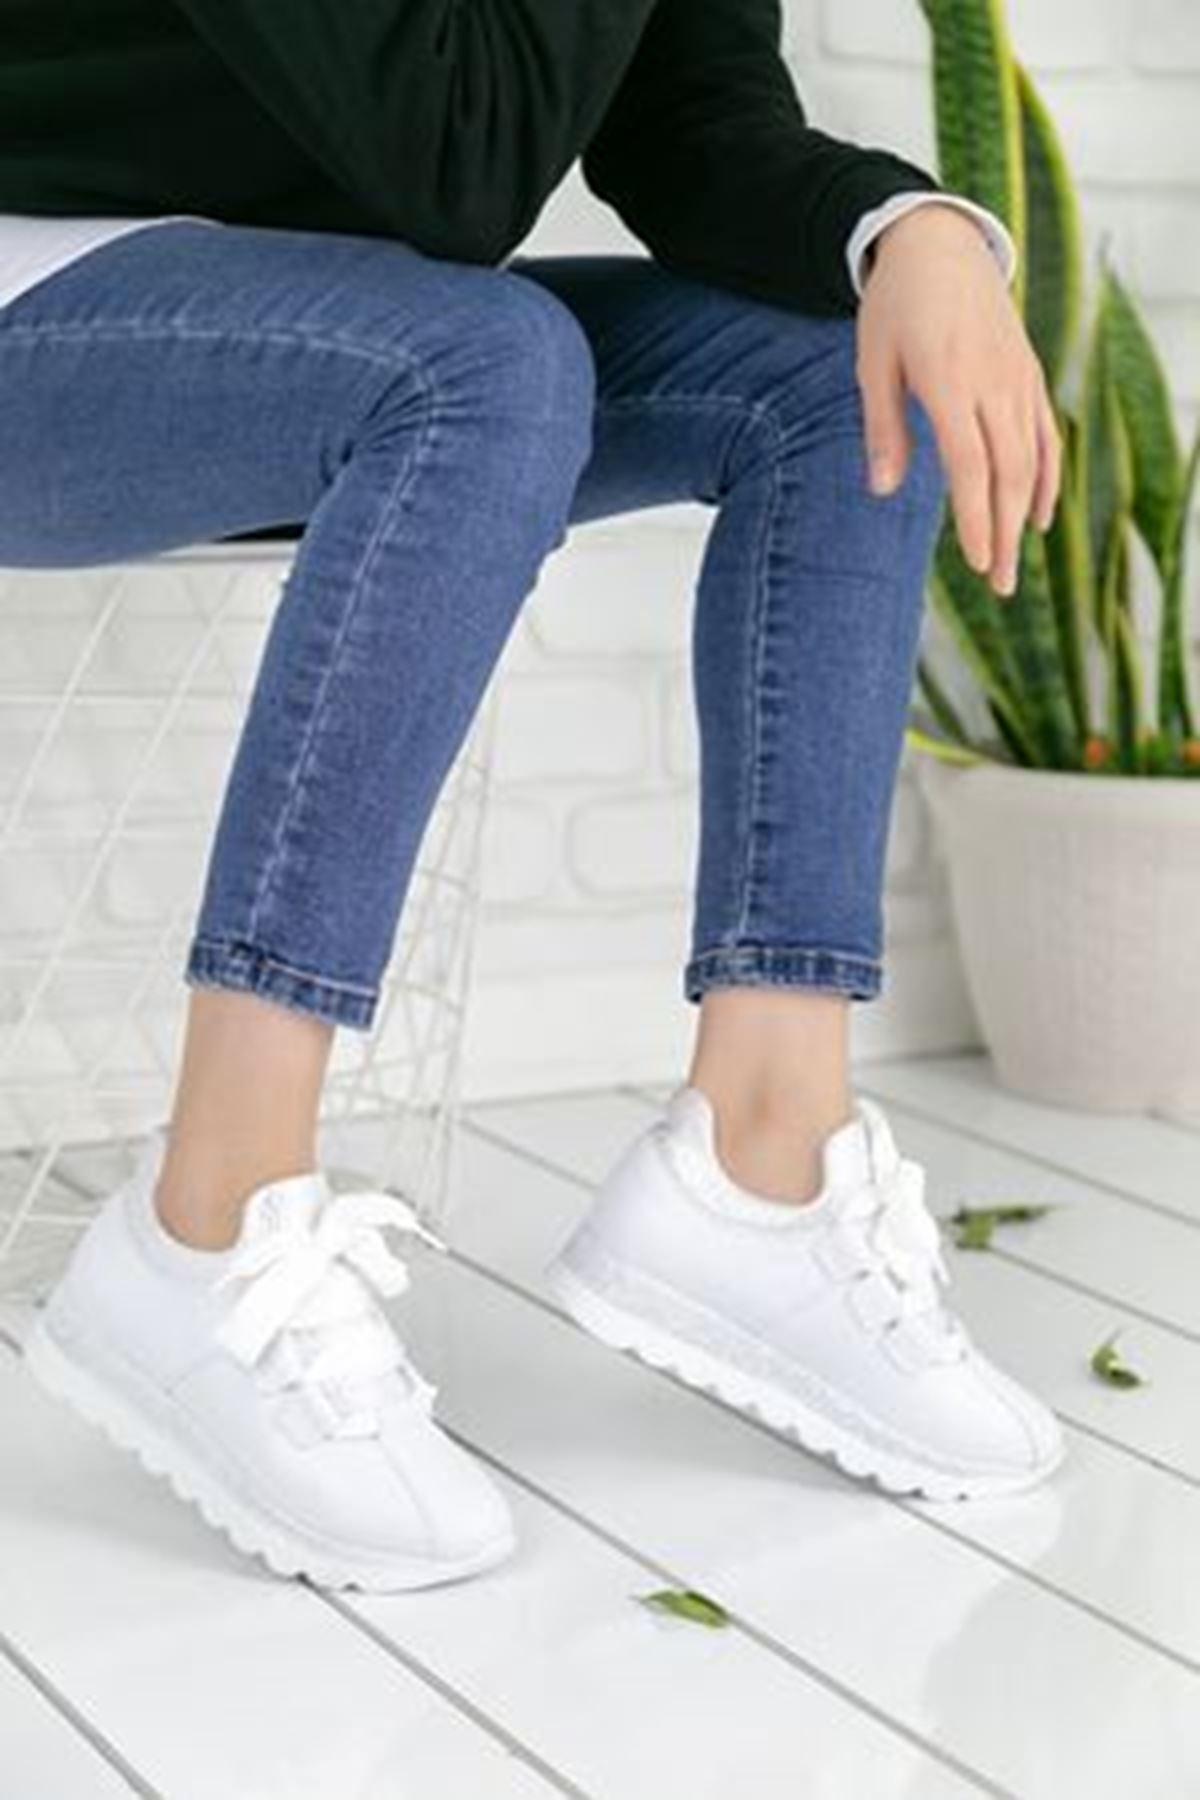 Wissa Beyaz Ortopedik Bayan Spor Ayakkabı